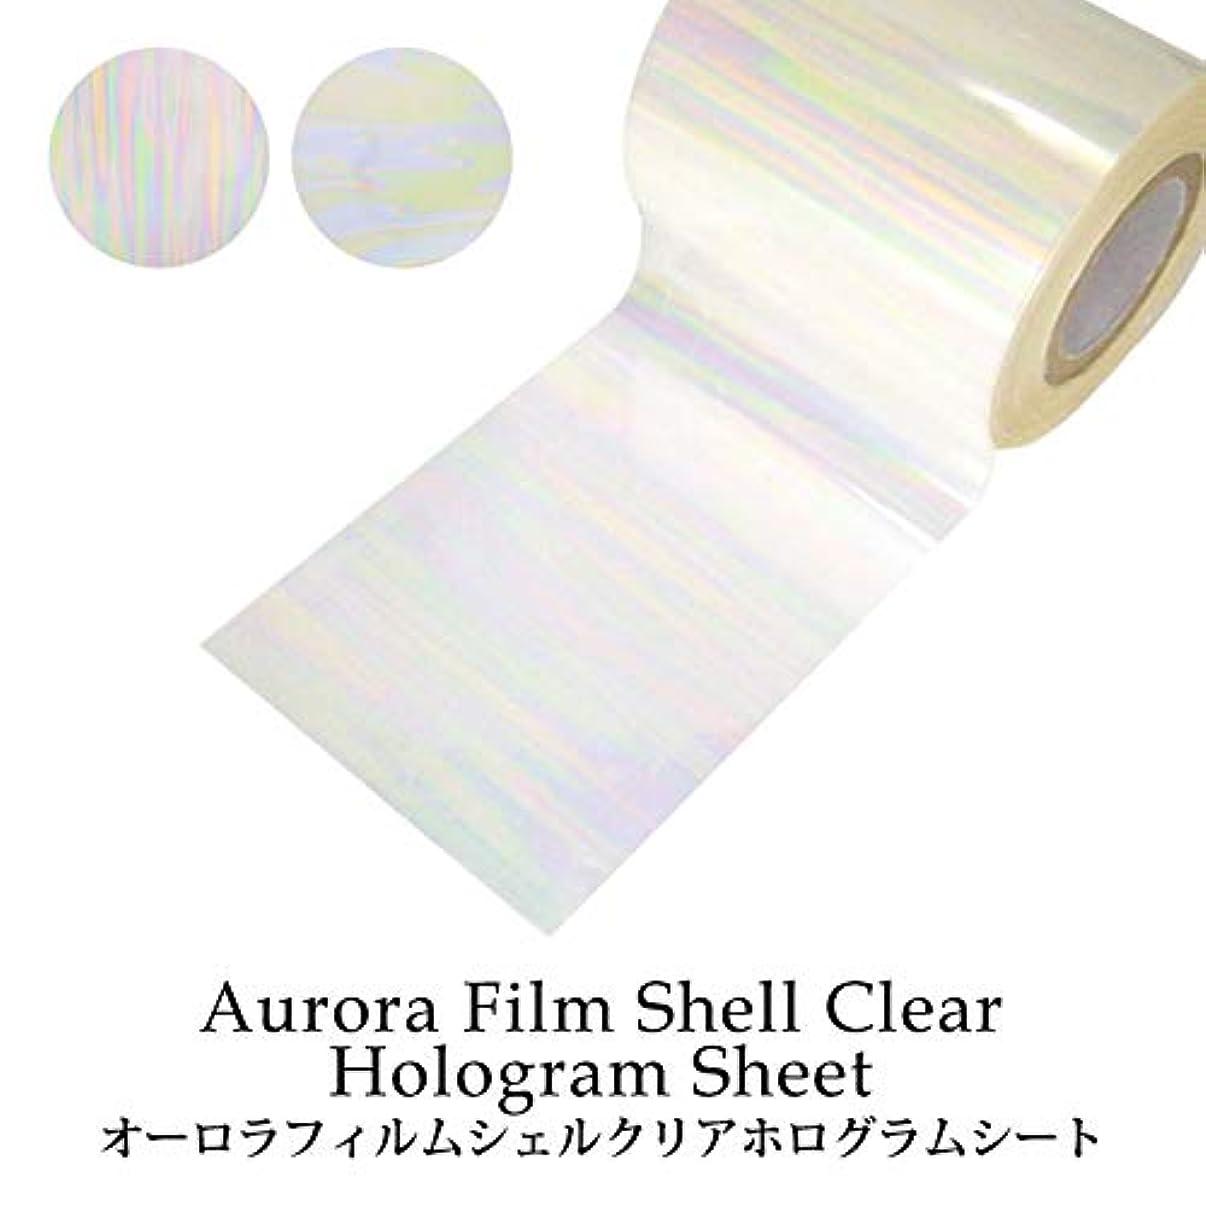 レッスン放射するマネージャーオーロラフィルム シェルクリア ホログラムシート(1-2) 1枚入り (1.シェルクリア(縦))